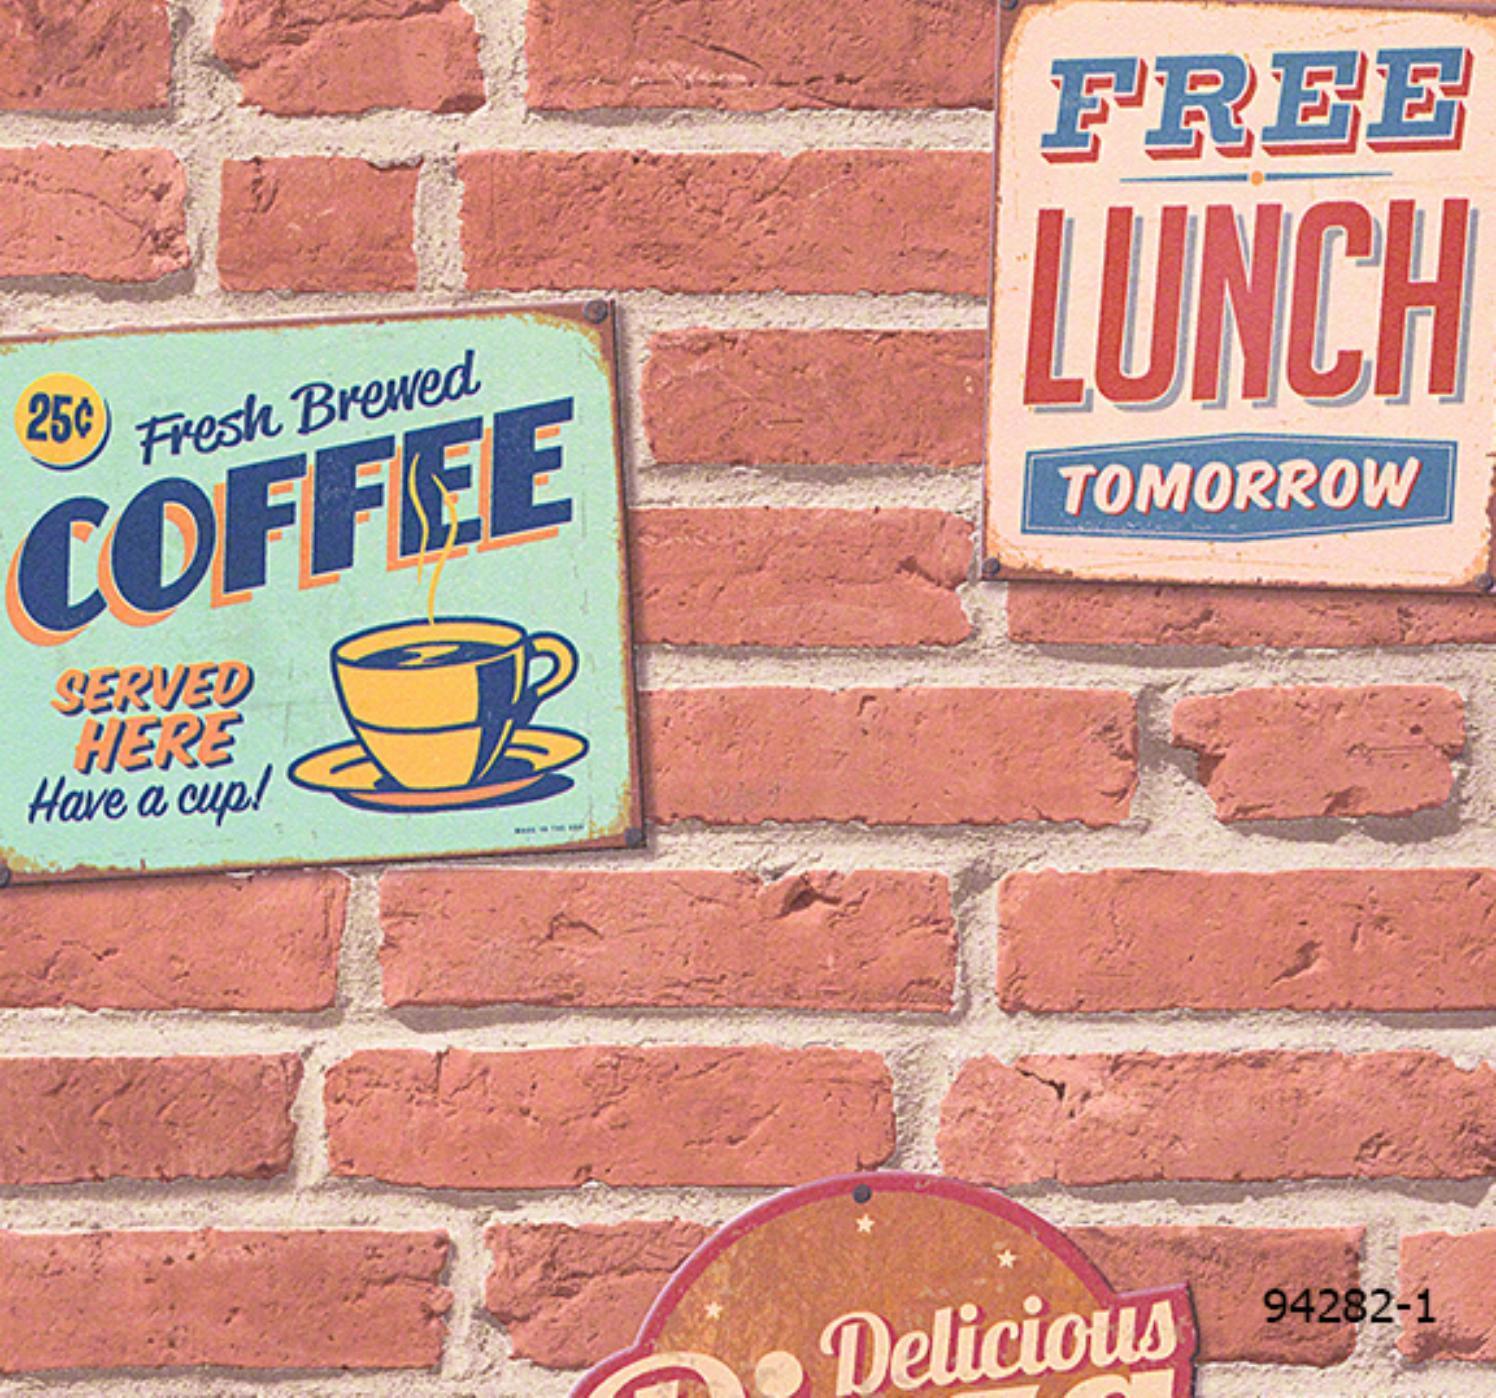 วอลเปเปอร์ลายอิฐ อิฐแดง/ส้ม+ลายเสริมร้านกาแฟ